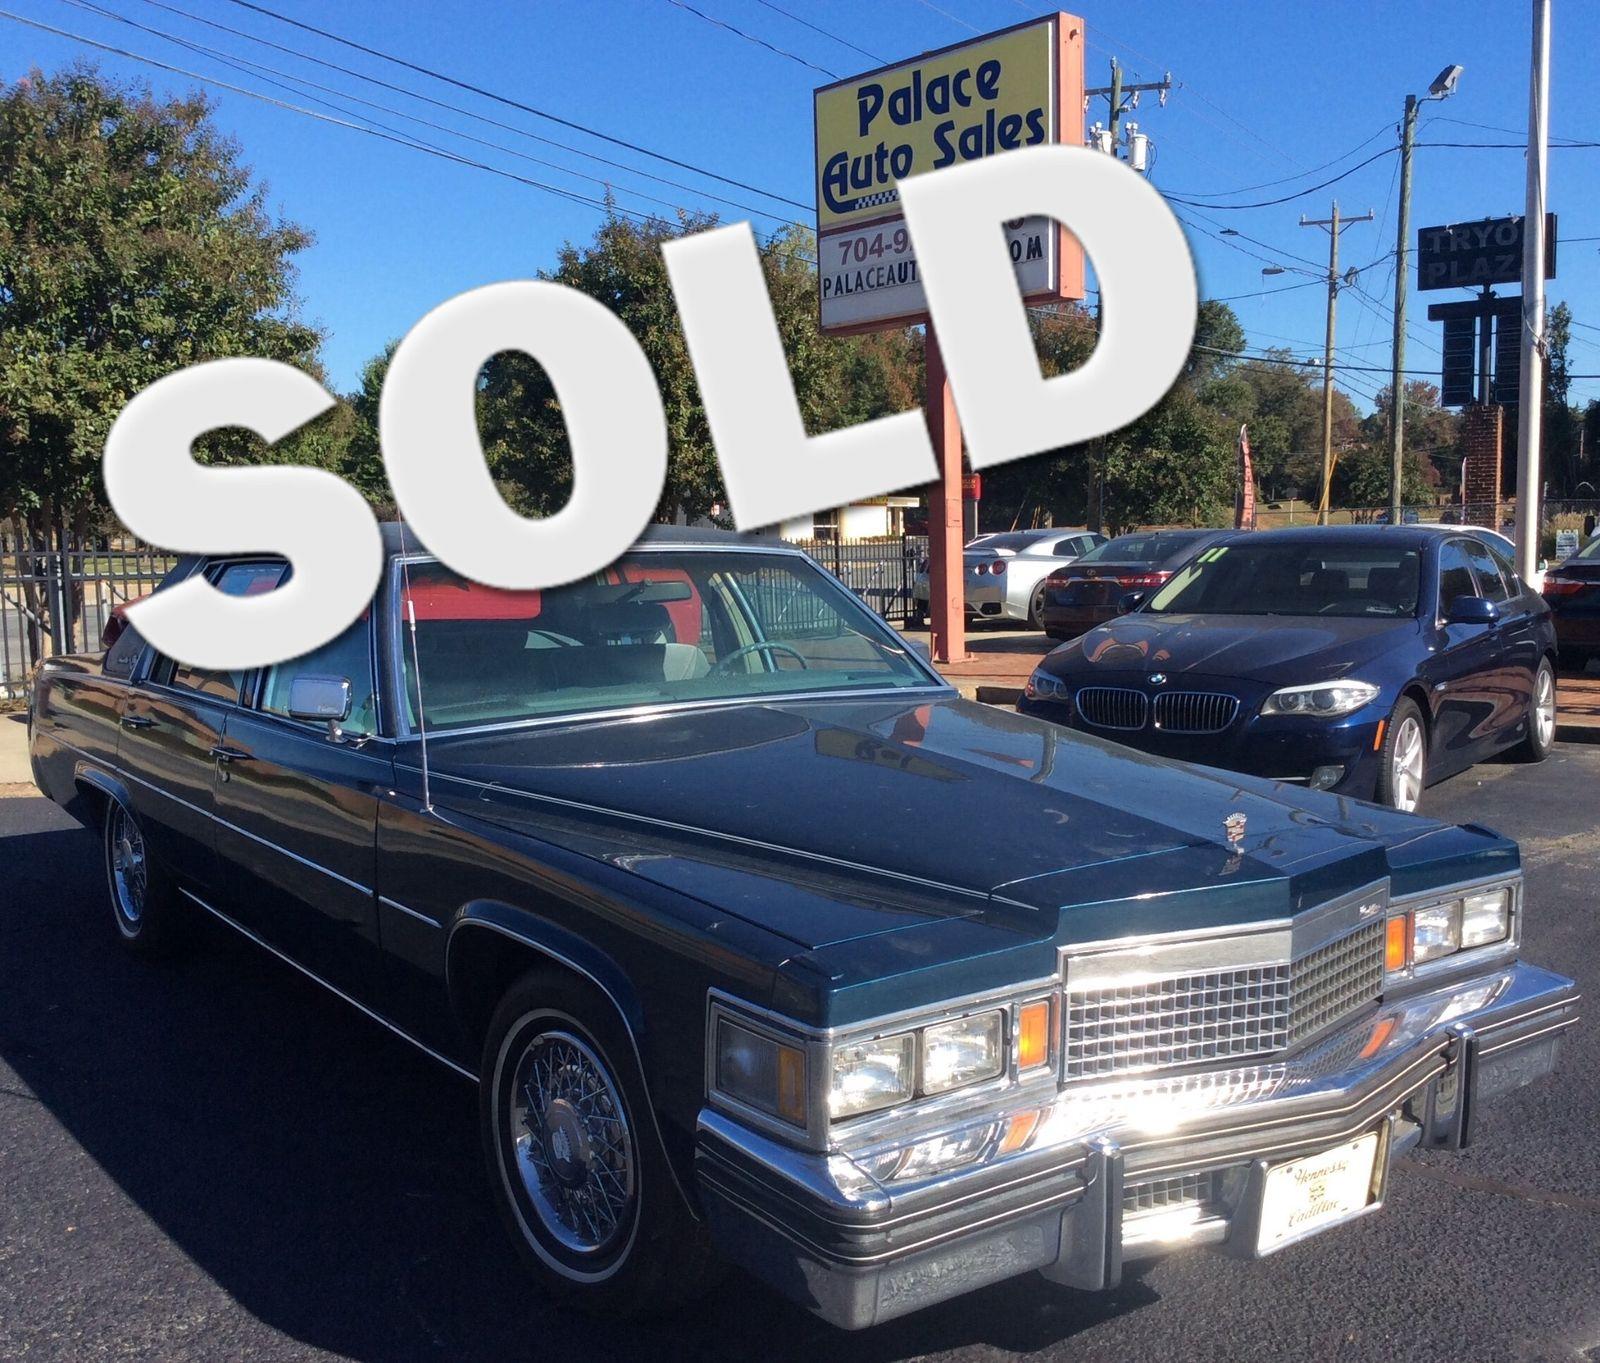 1979 Cadillac SEDAN DEVILLE 4DS city NC Palace Auto Sales